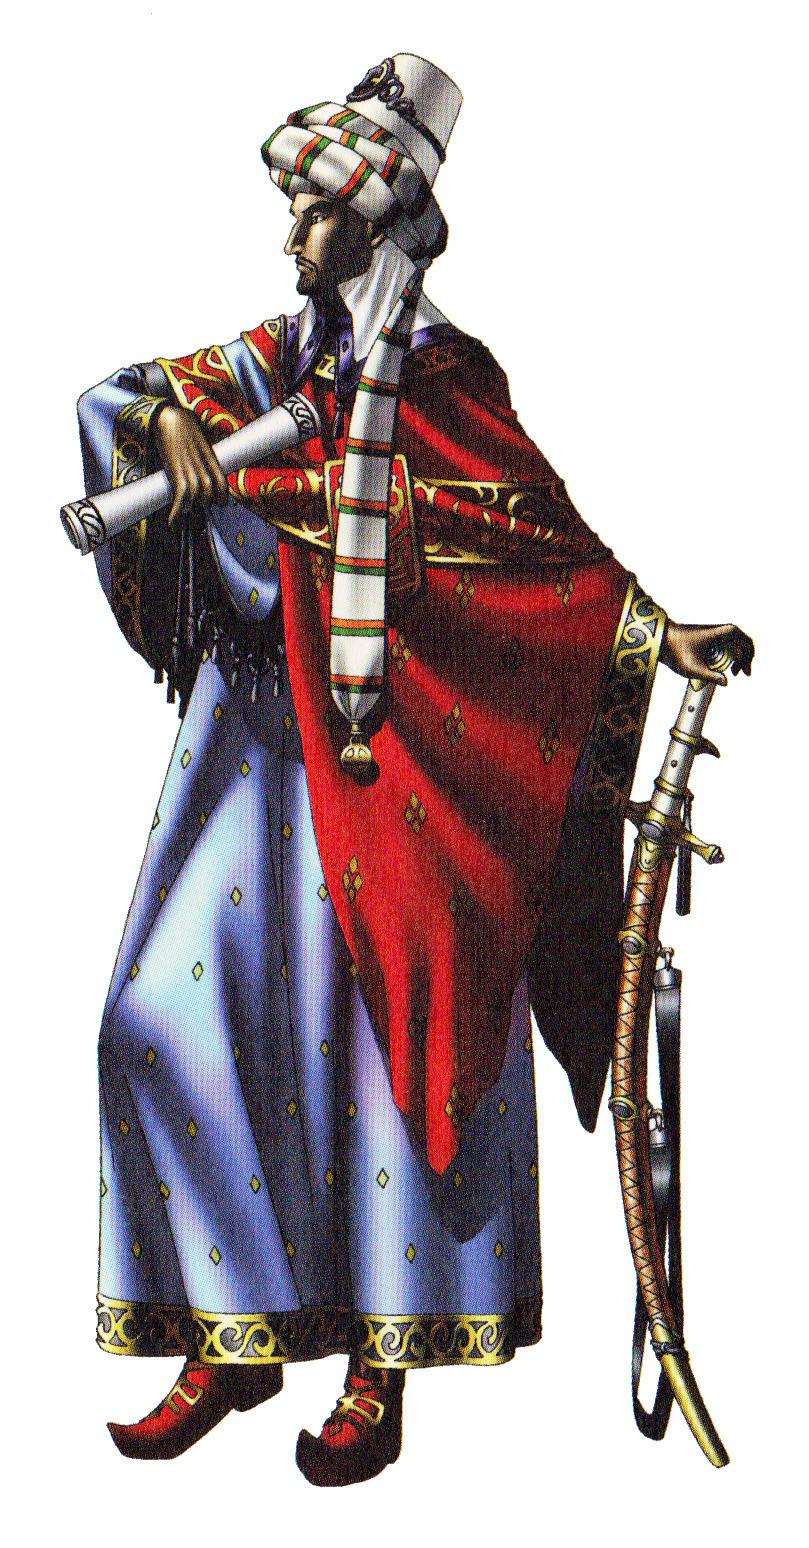 Saladin | Megami Tensei Wiki | FANDOM powered by Wikia